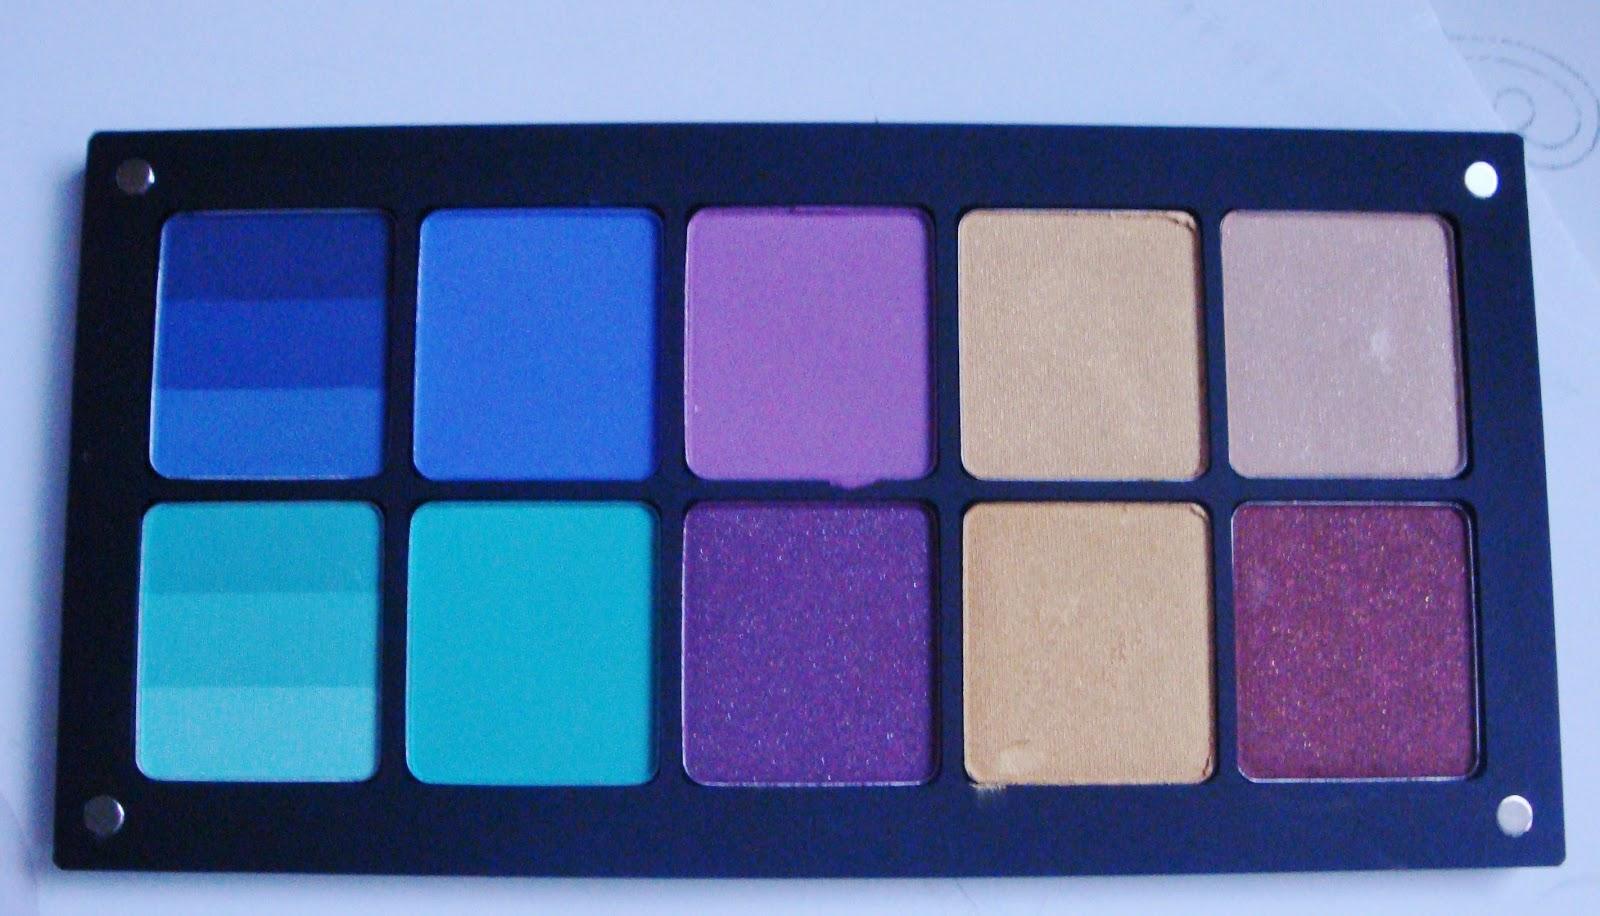 Inglot palette full of matte shadows. - http://bit